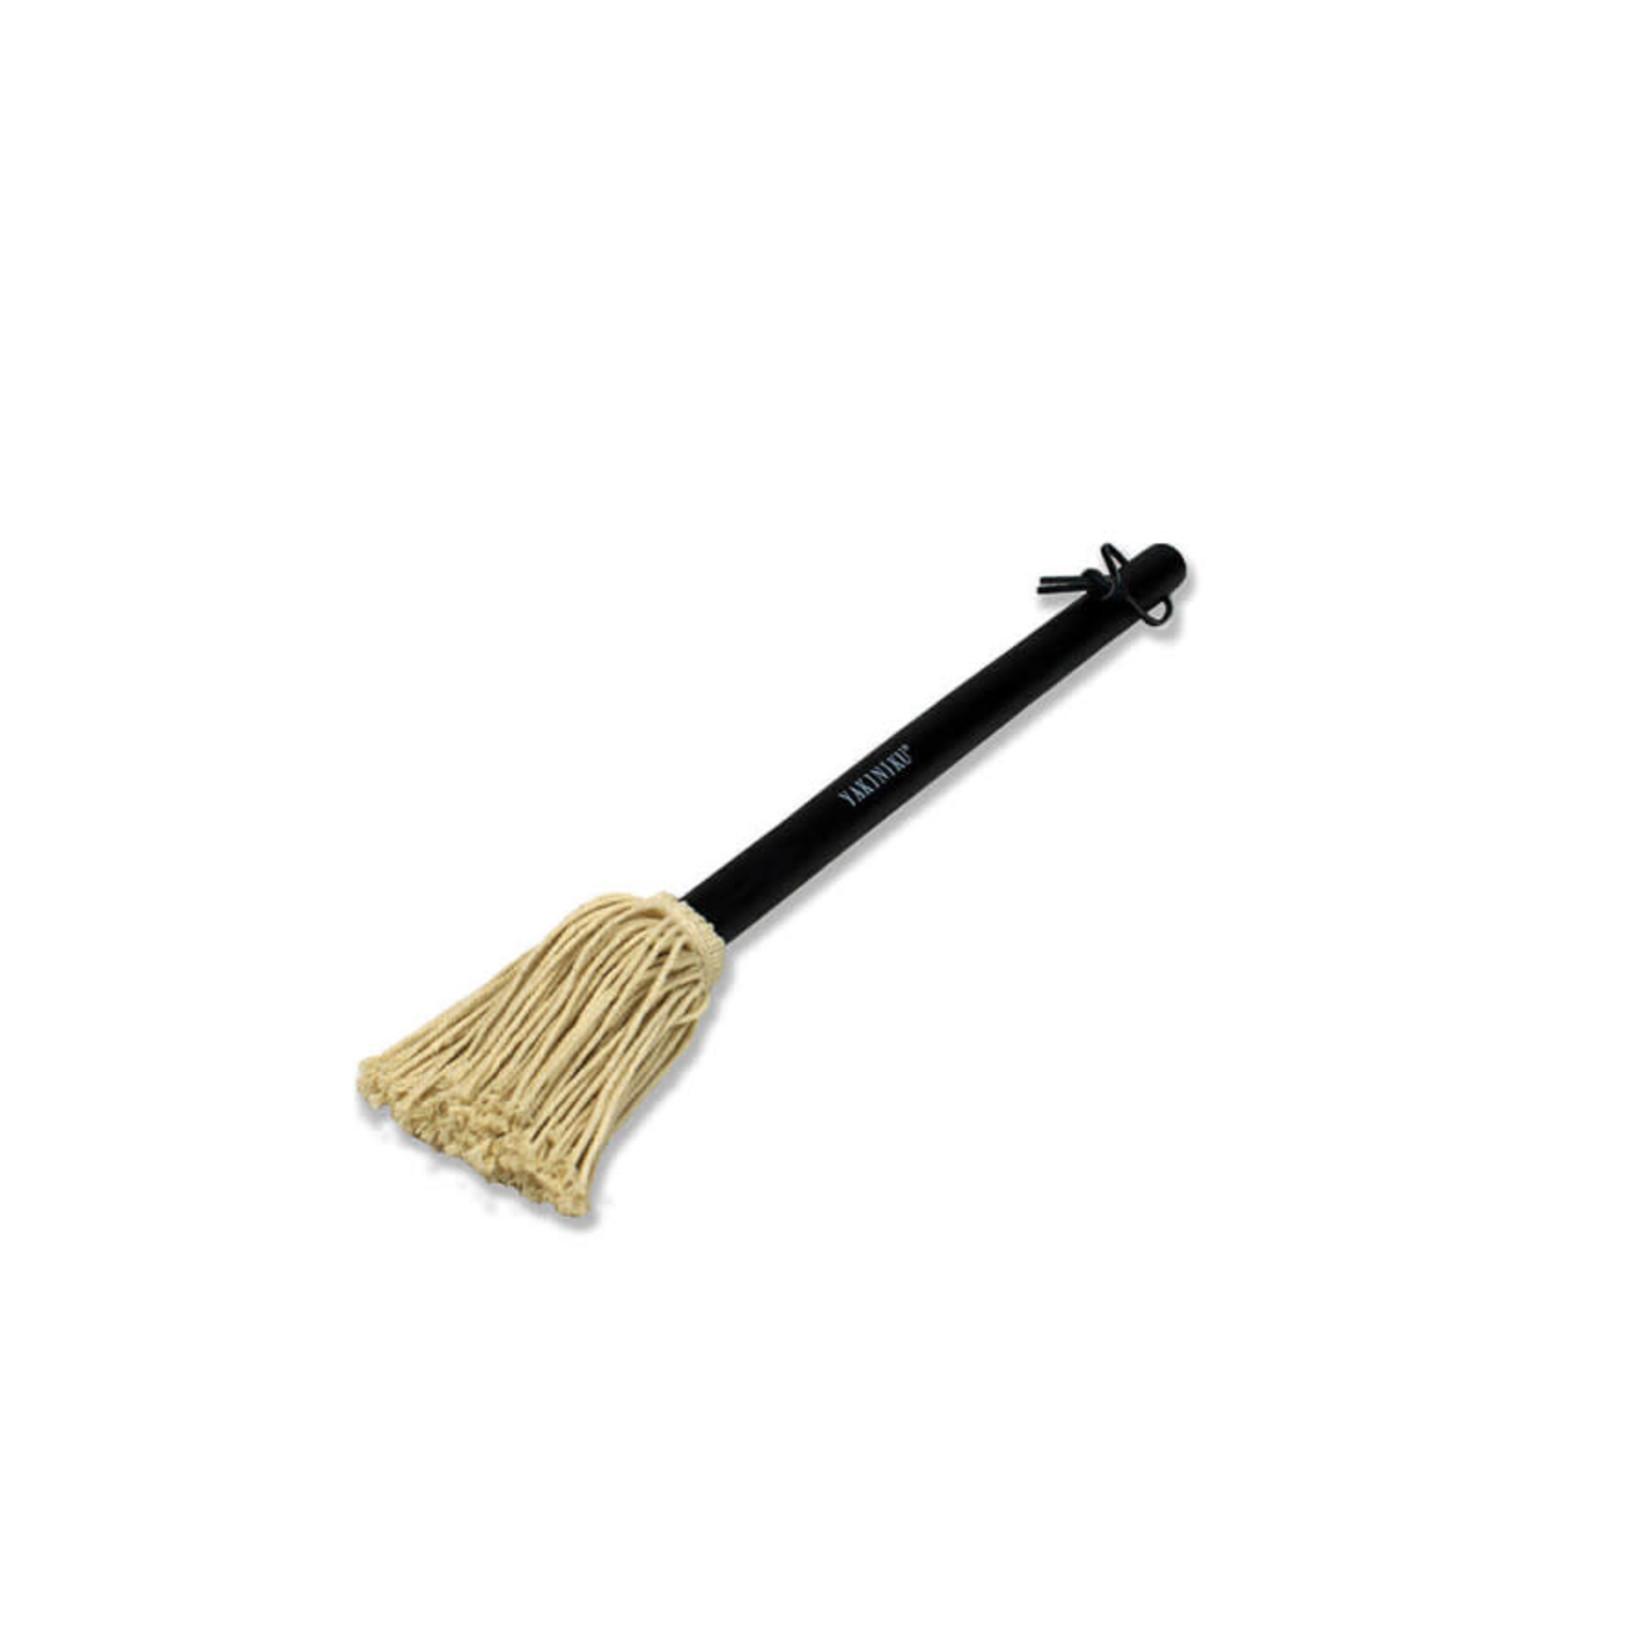 Yakiniku Yakiniku sauce Mop